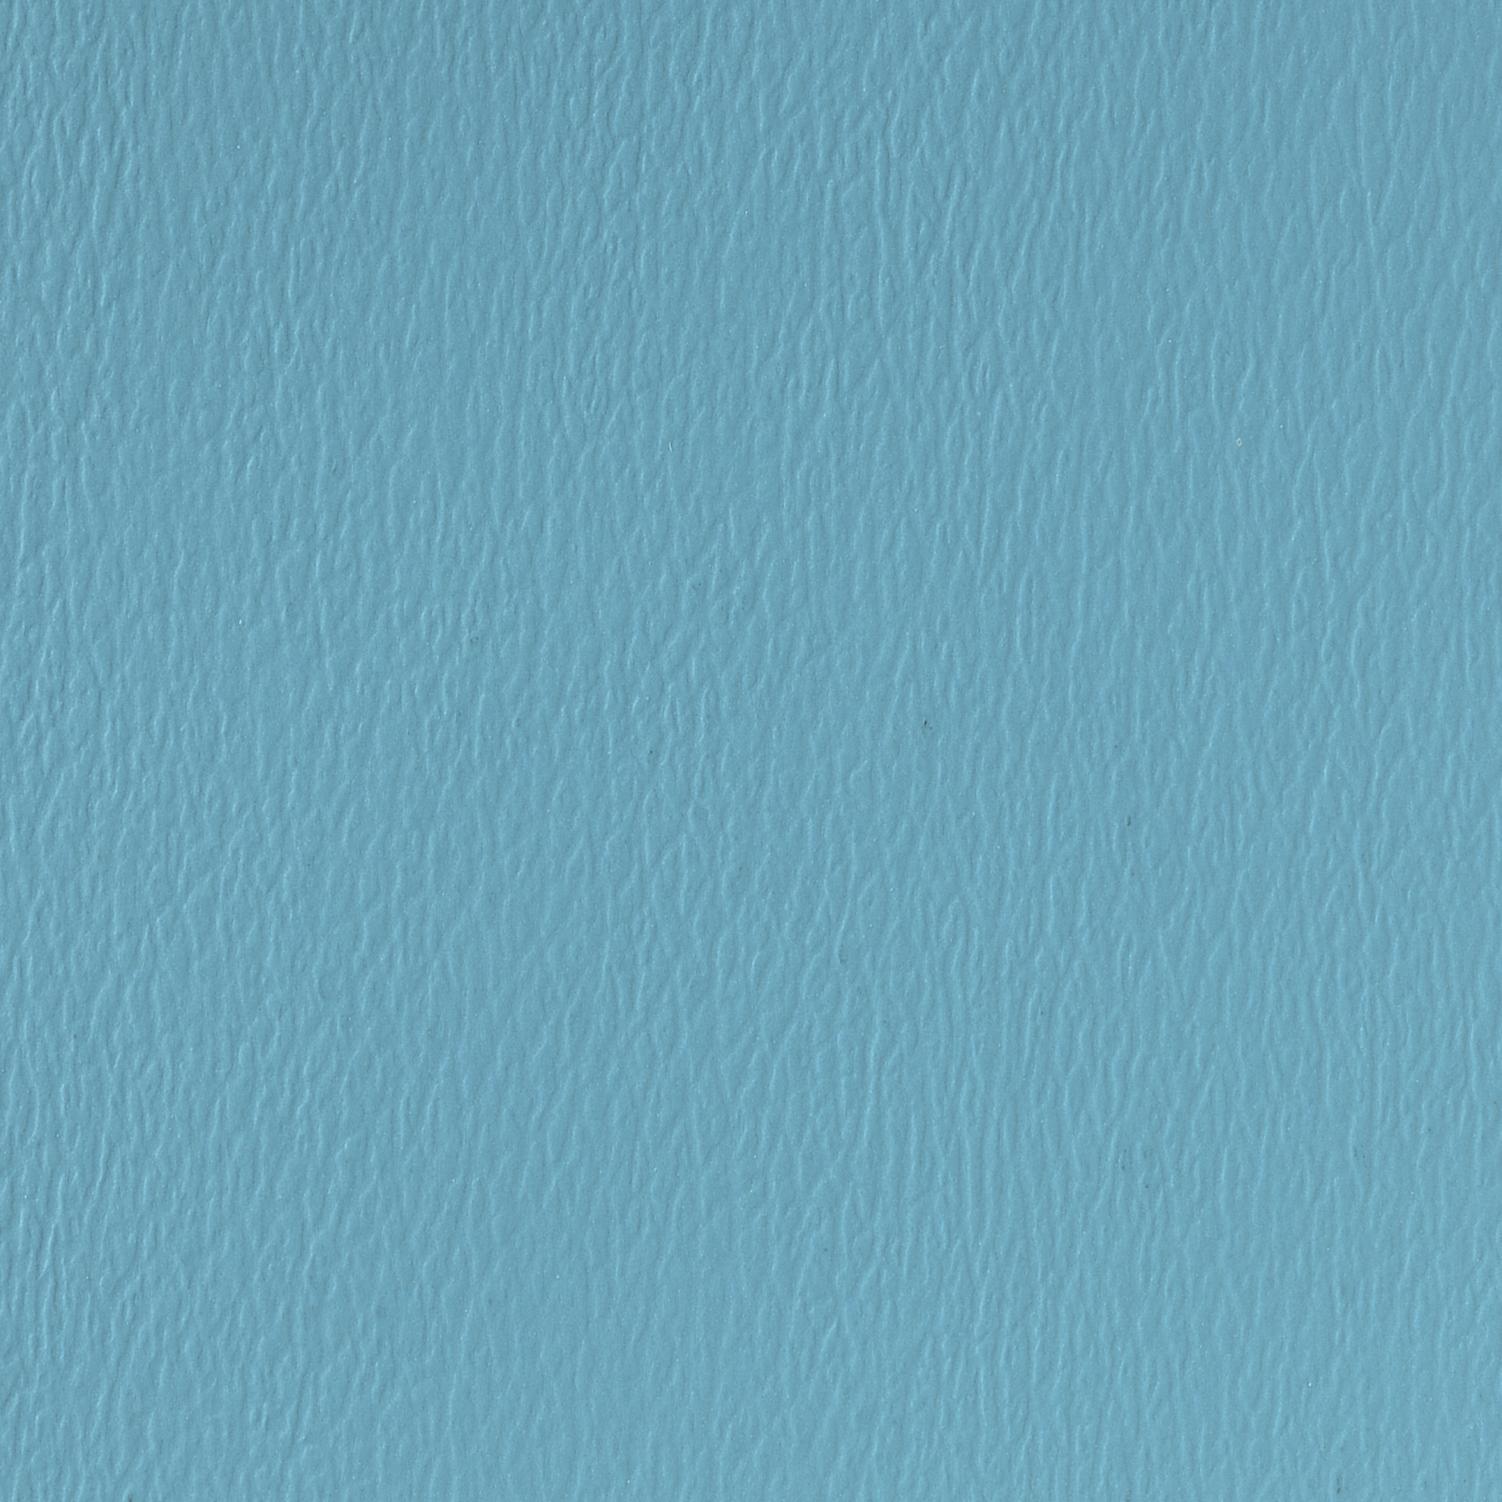 CAPRI BLUE   US-514